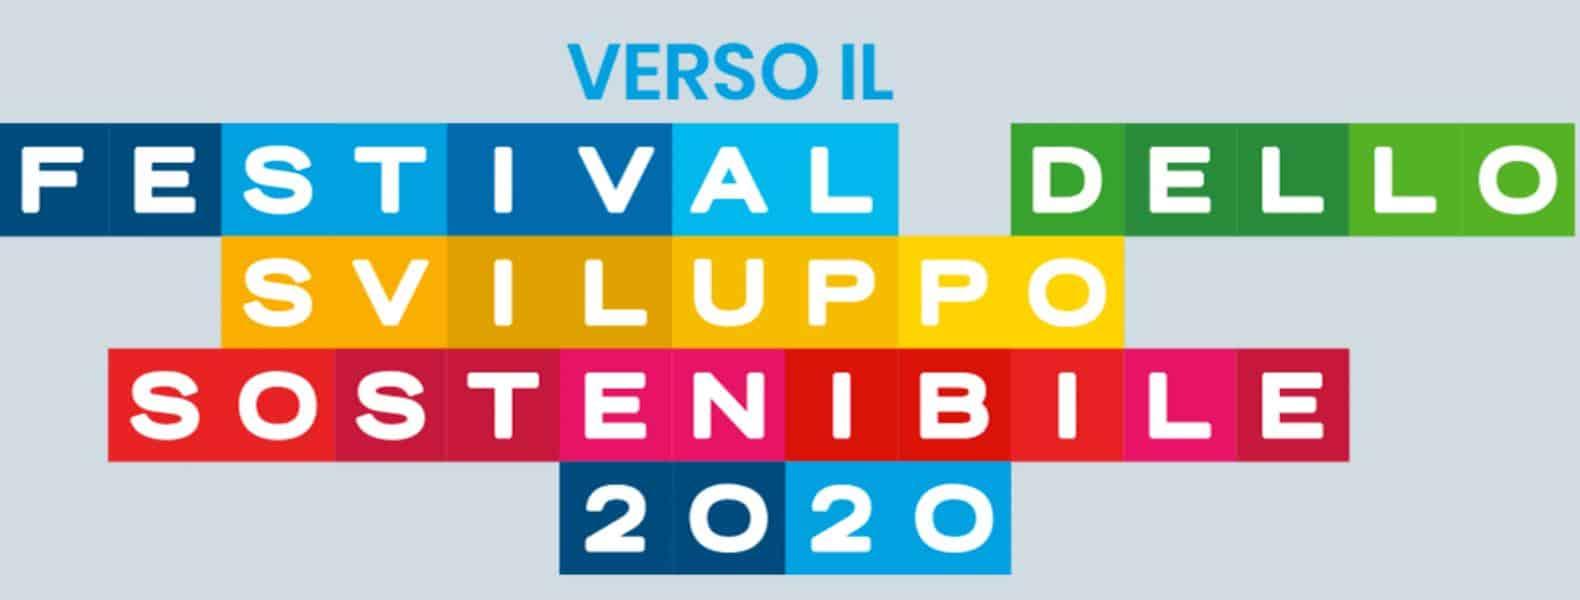 Circonomia 2020 Festival dello Sviluppo sostenibile